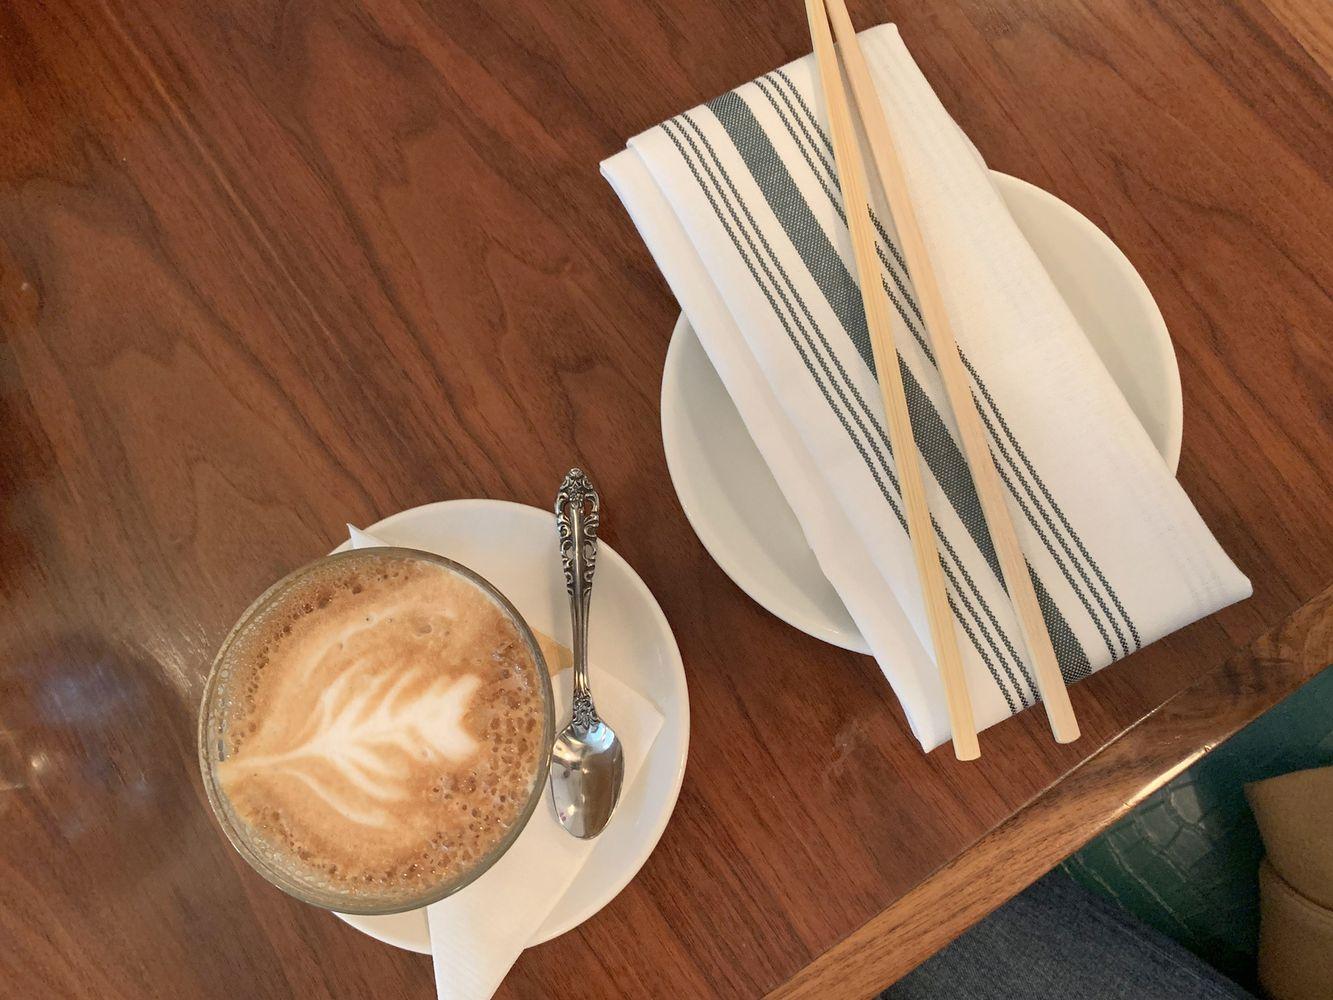 Latte at Elizabeth Street Cafe, Austin